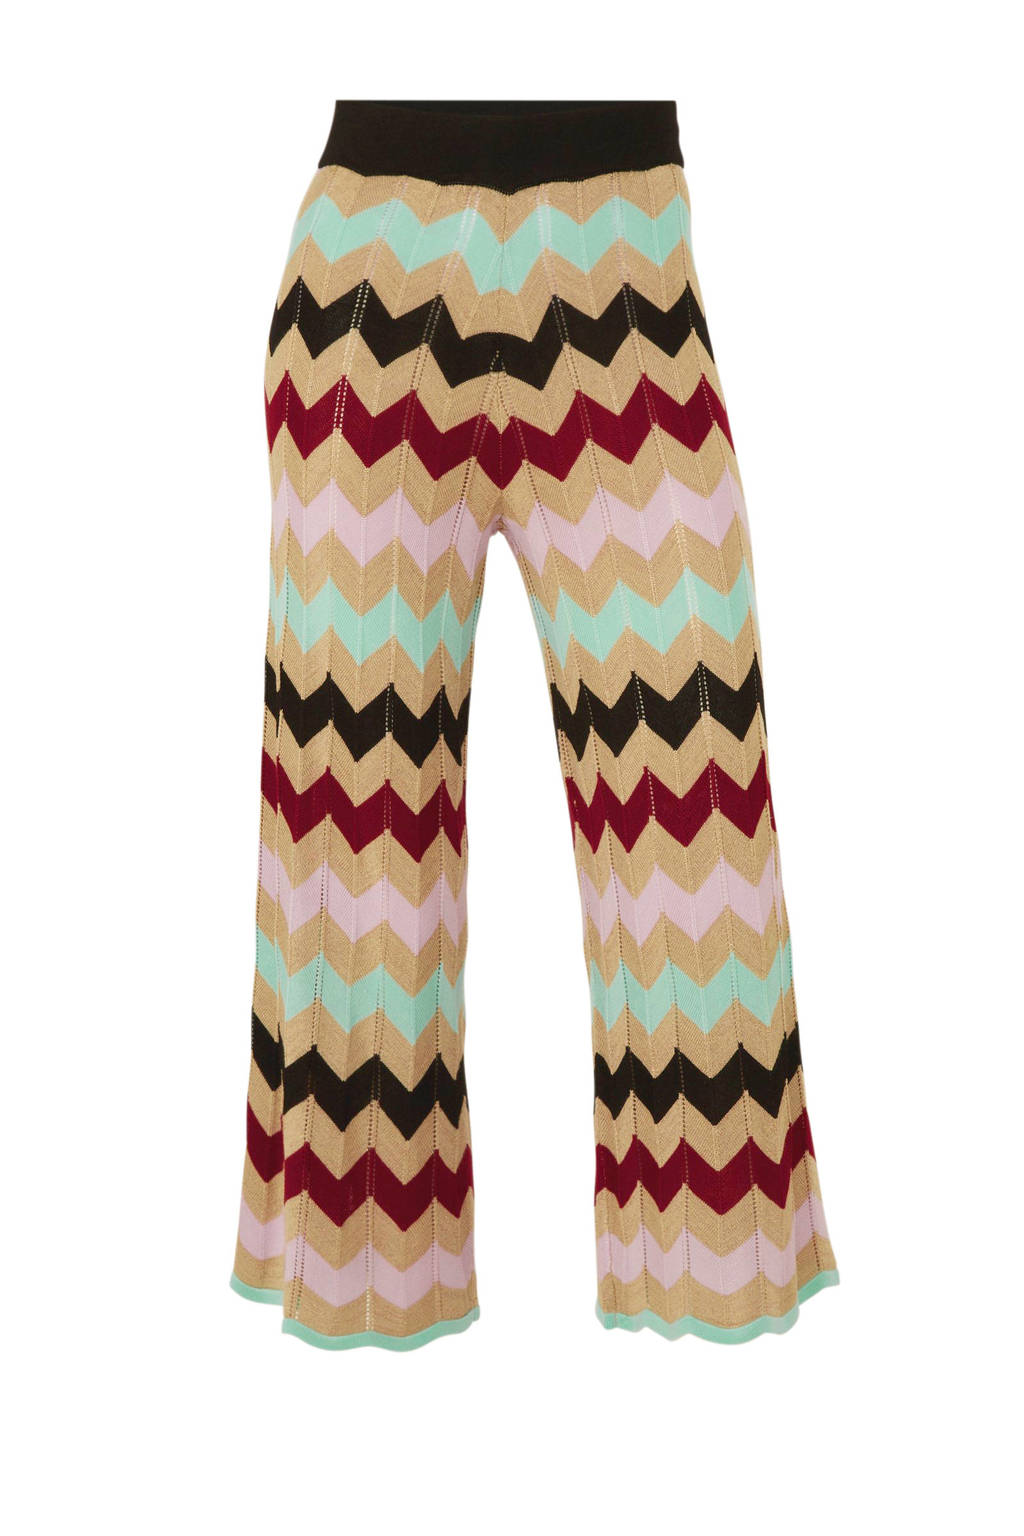 River Island high waist loose fit broek met all over print beige/zwart/mintgroen, Beige/zwart/mintgroen